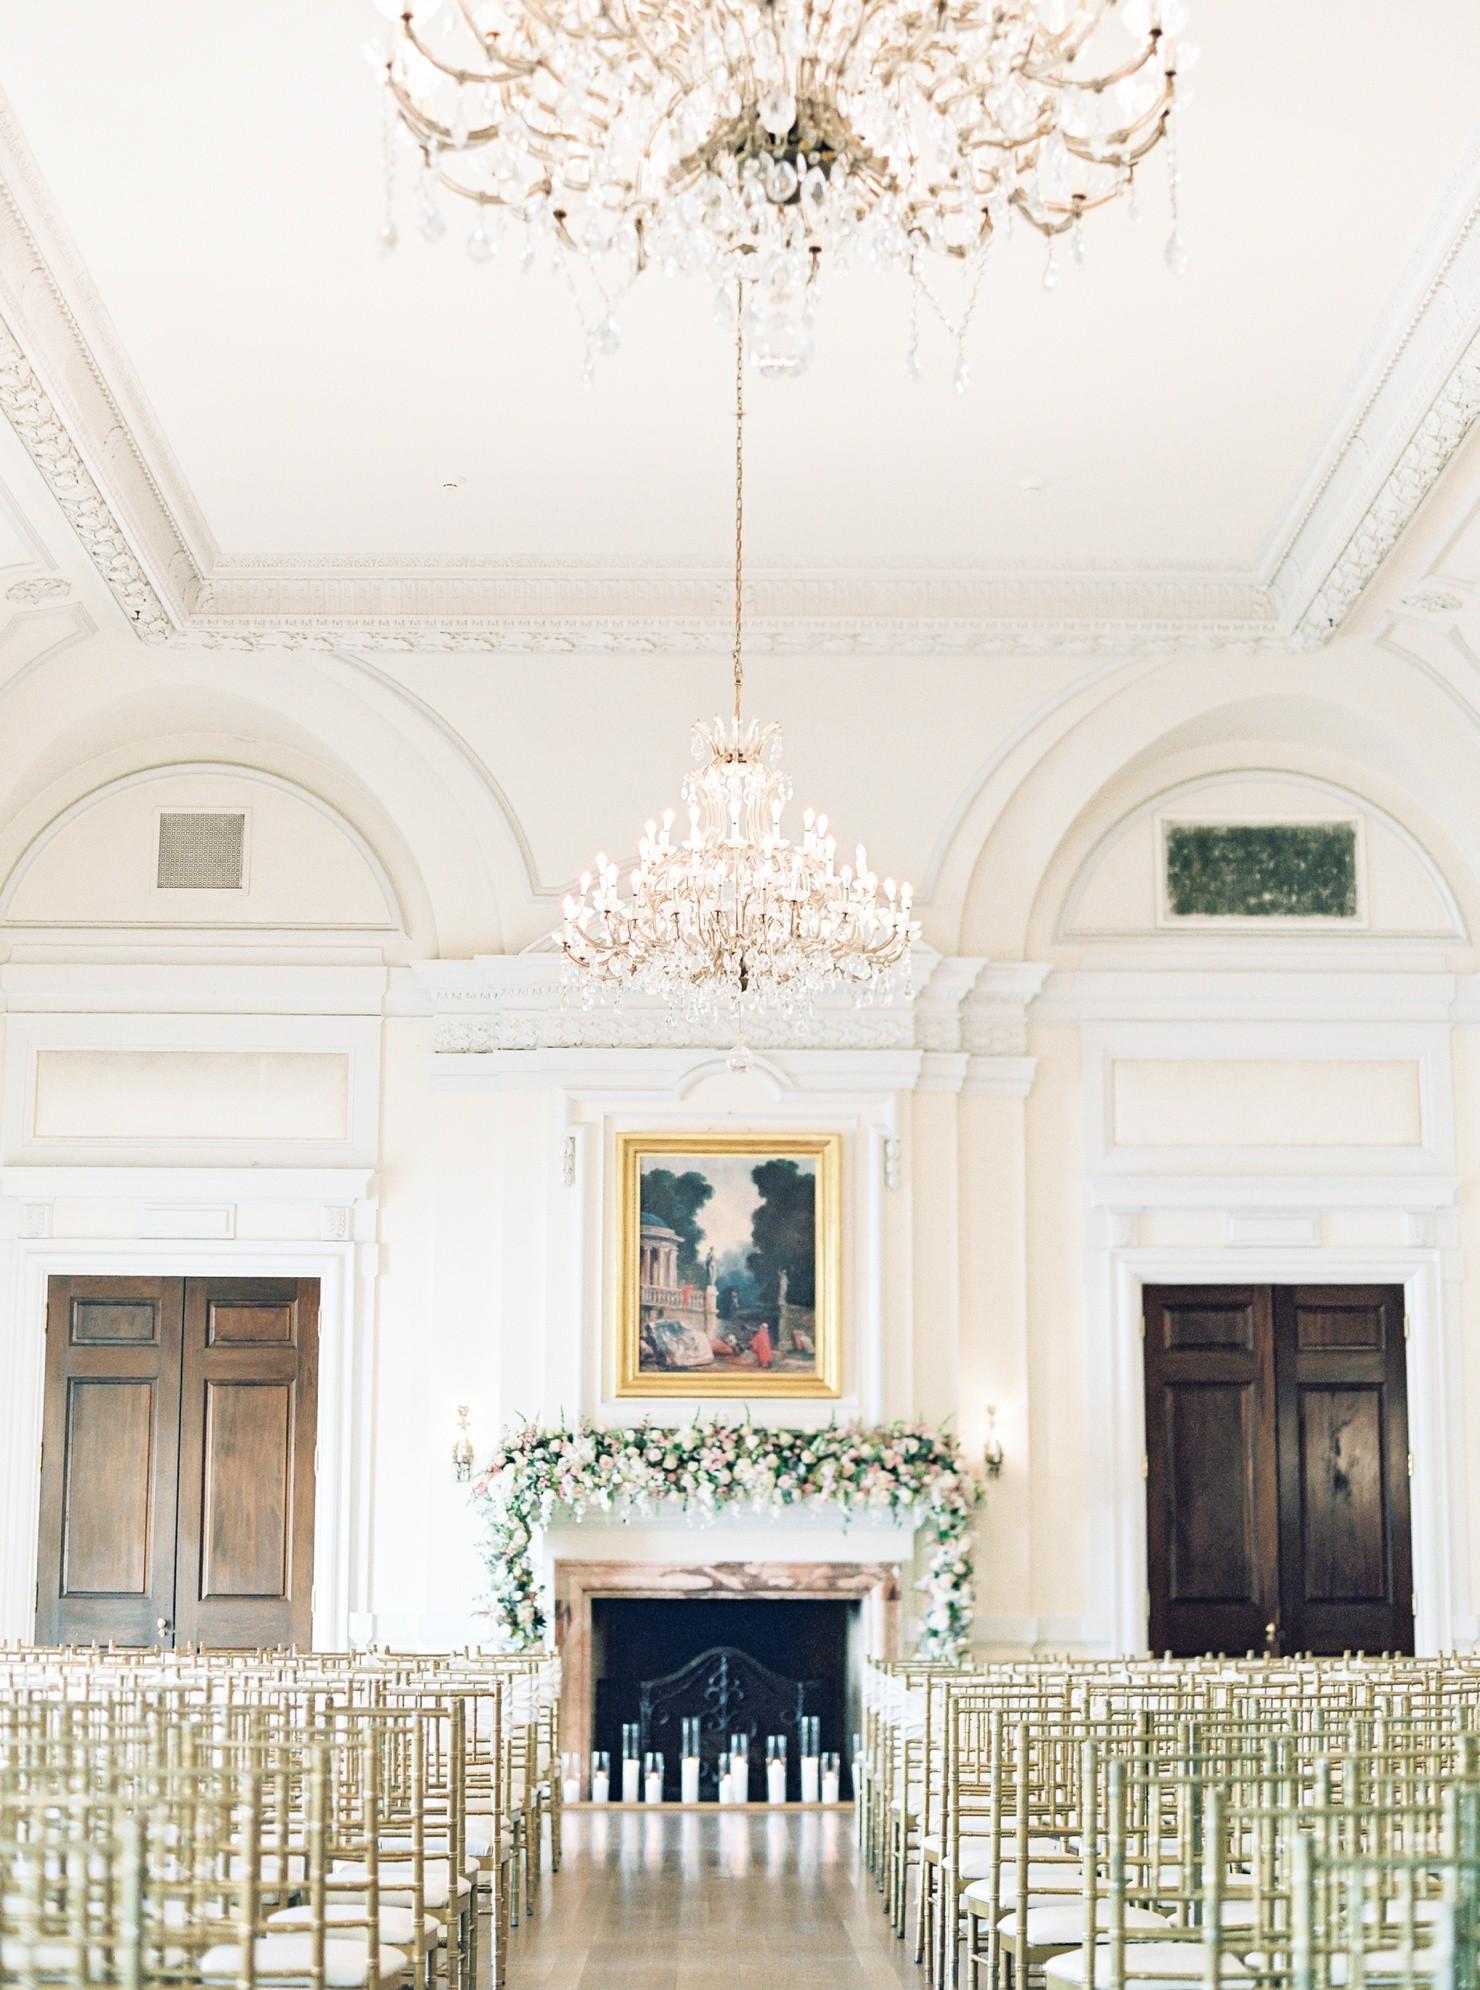 4 sự thật về toà lâu đài mà chỉ giới nhà giàu ở Mỹ mới dám thuê tổ chức đám cưới, Taylor Swfit là ngôi sao hiếm hoi từng quay MV ở đây - Ảnh 7.